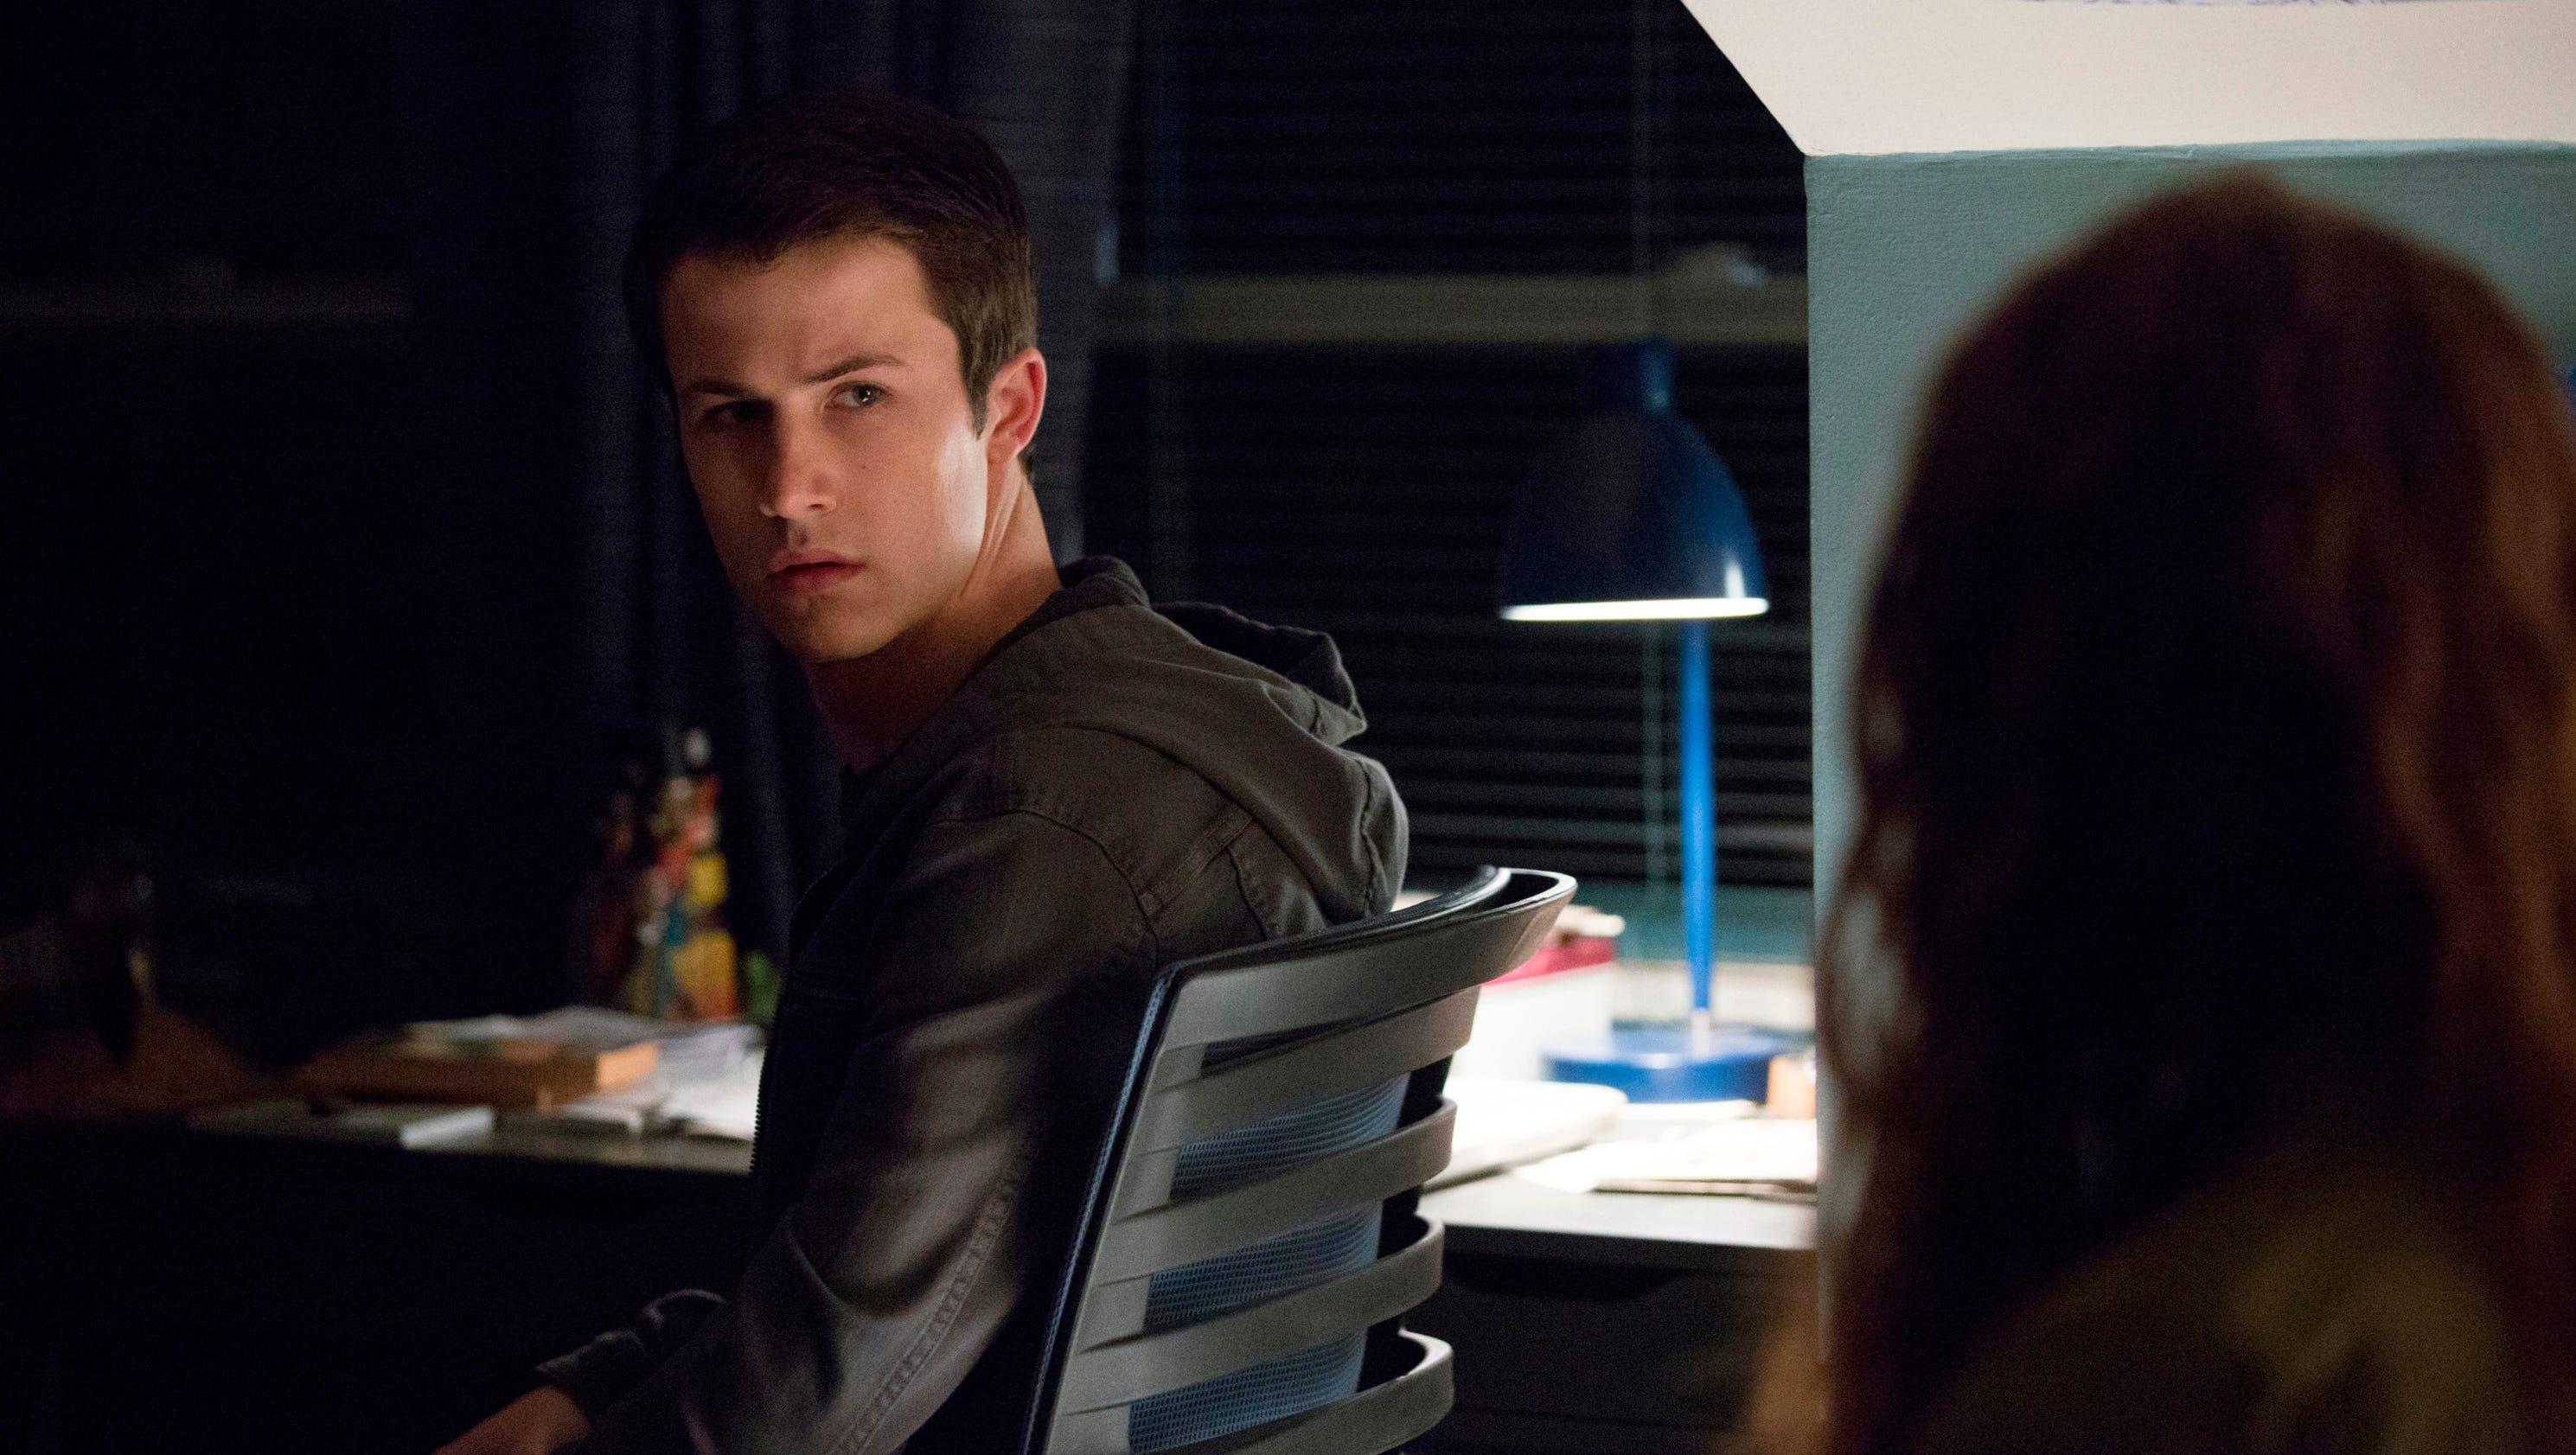 u0026 39 13 reasons why u0026 39  season 2 trailer brings more intensity